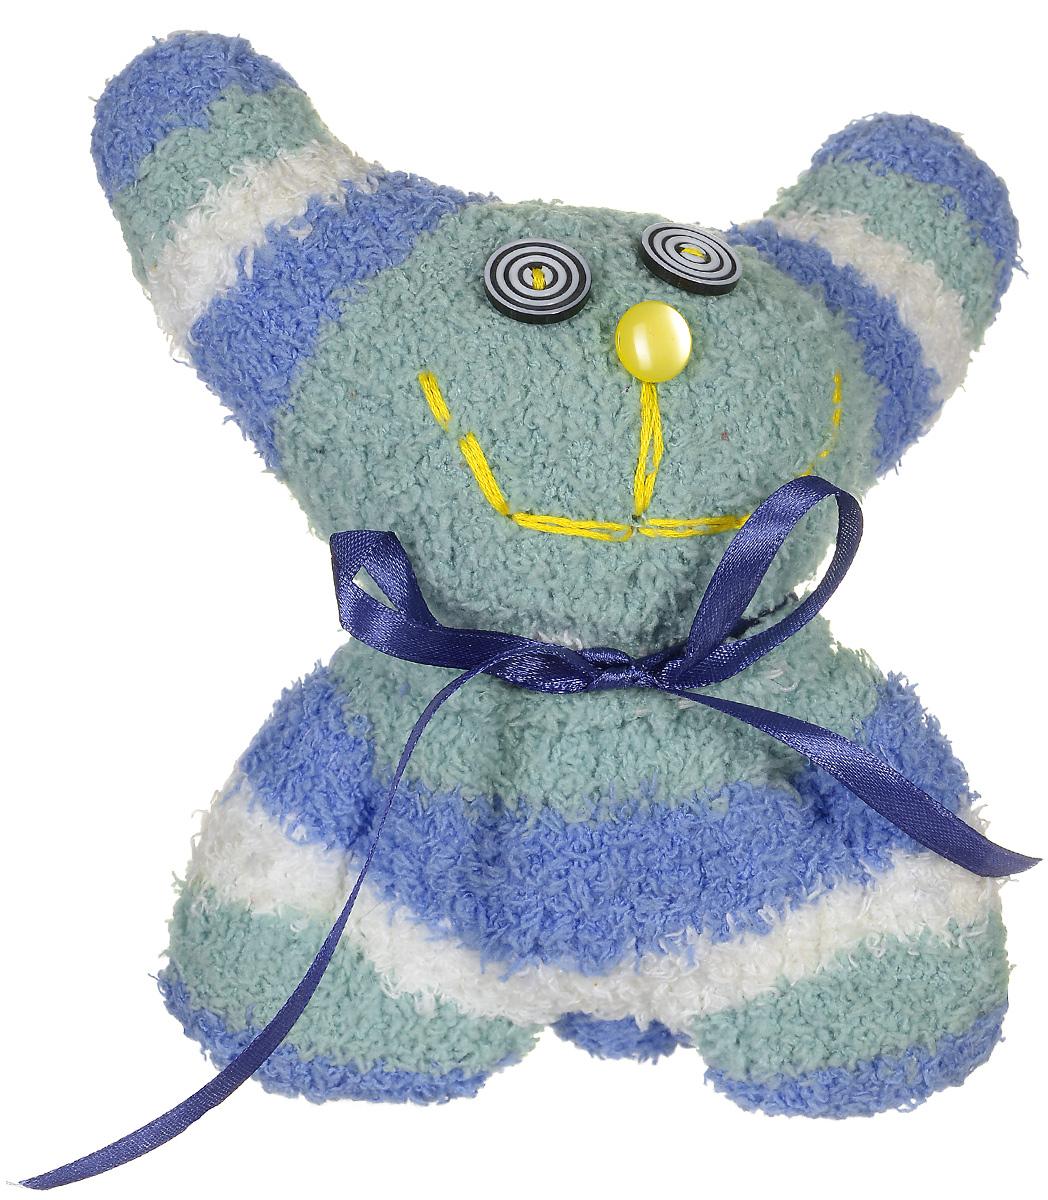 Авторская игрушка - носуля YusliQ Маленький заинька. Ручная работа. kuri21kuri21Авторская игрушка носуля Маленький заинька. kuri21 из серии Тотем - яркая авторская игрушка, искрящаяся позитивом и отличным настроением, станет необычным и прекрасным сюрпризом для друзей и знакомых!